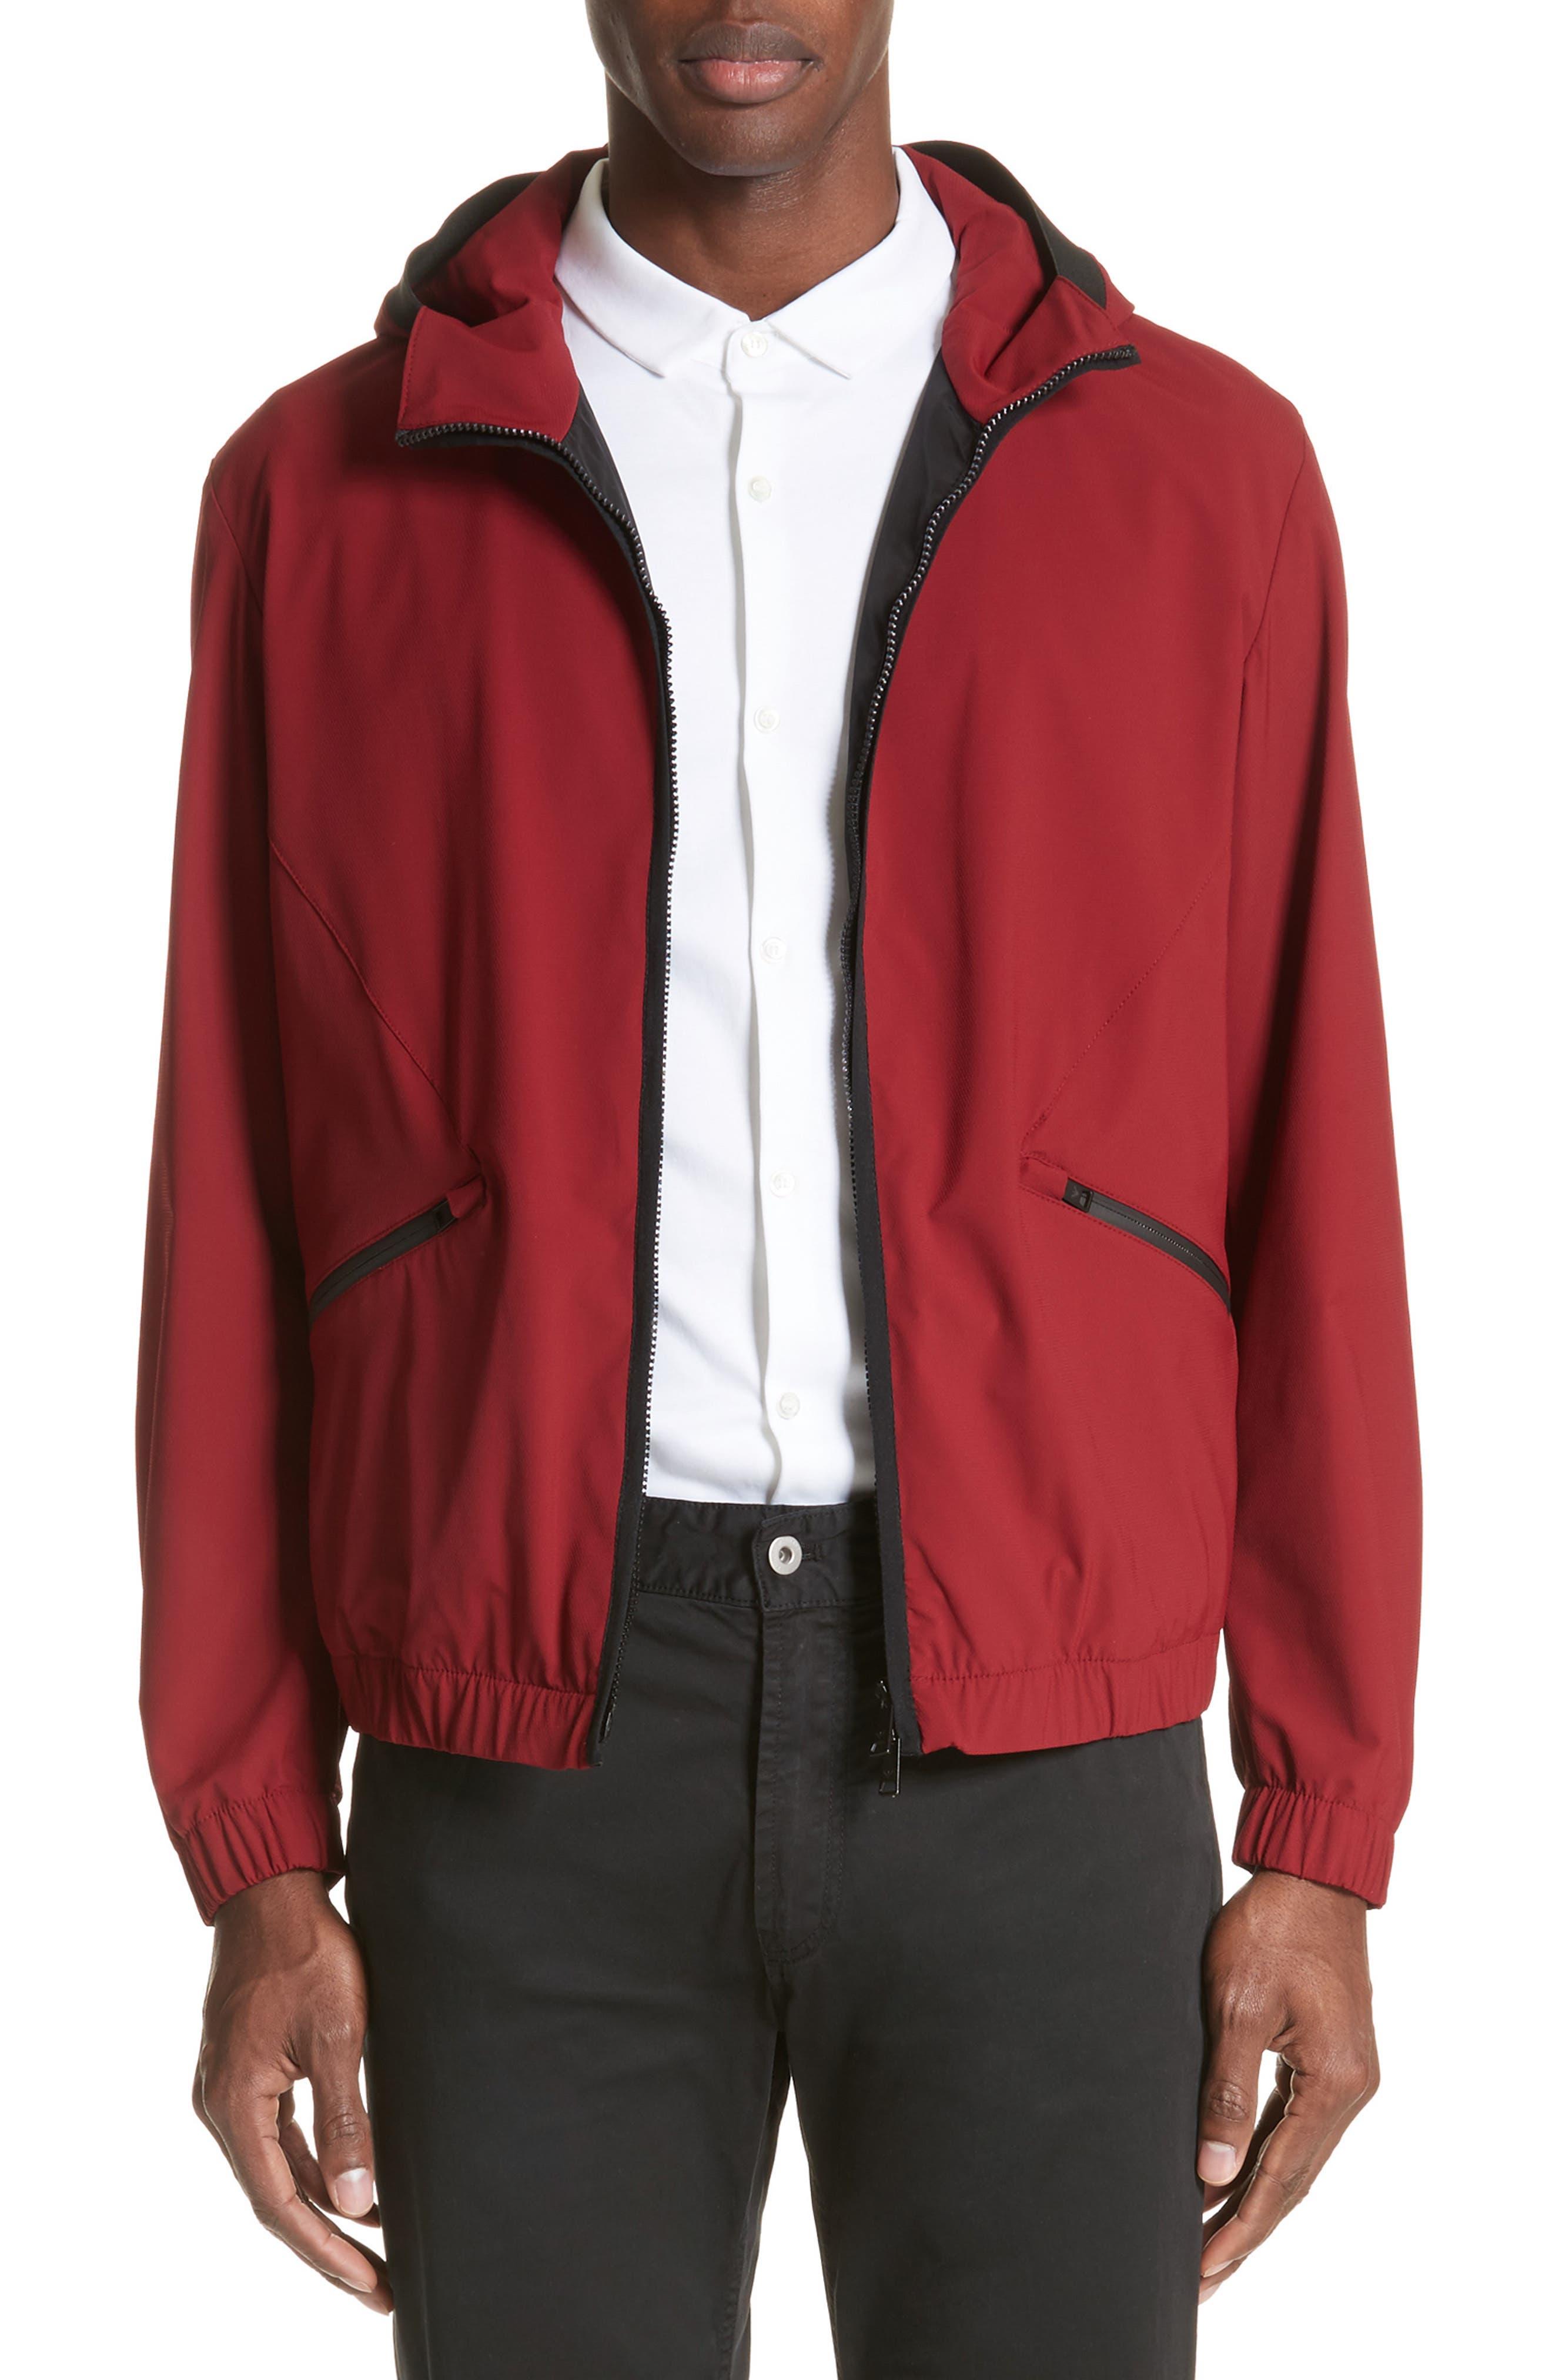 Emporio Armani Water Repellent Jacket